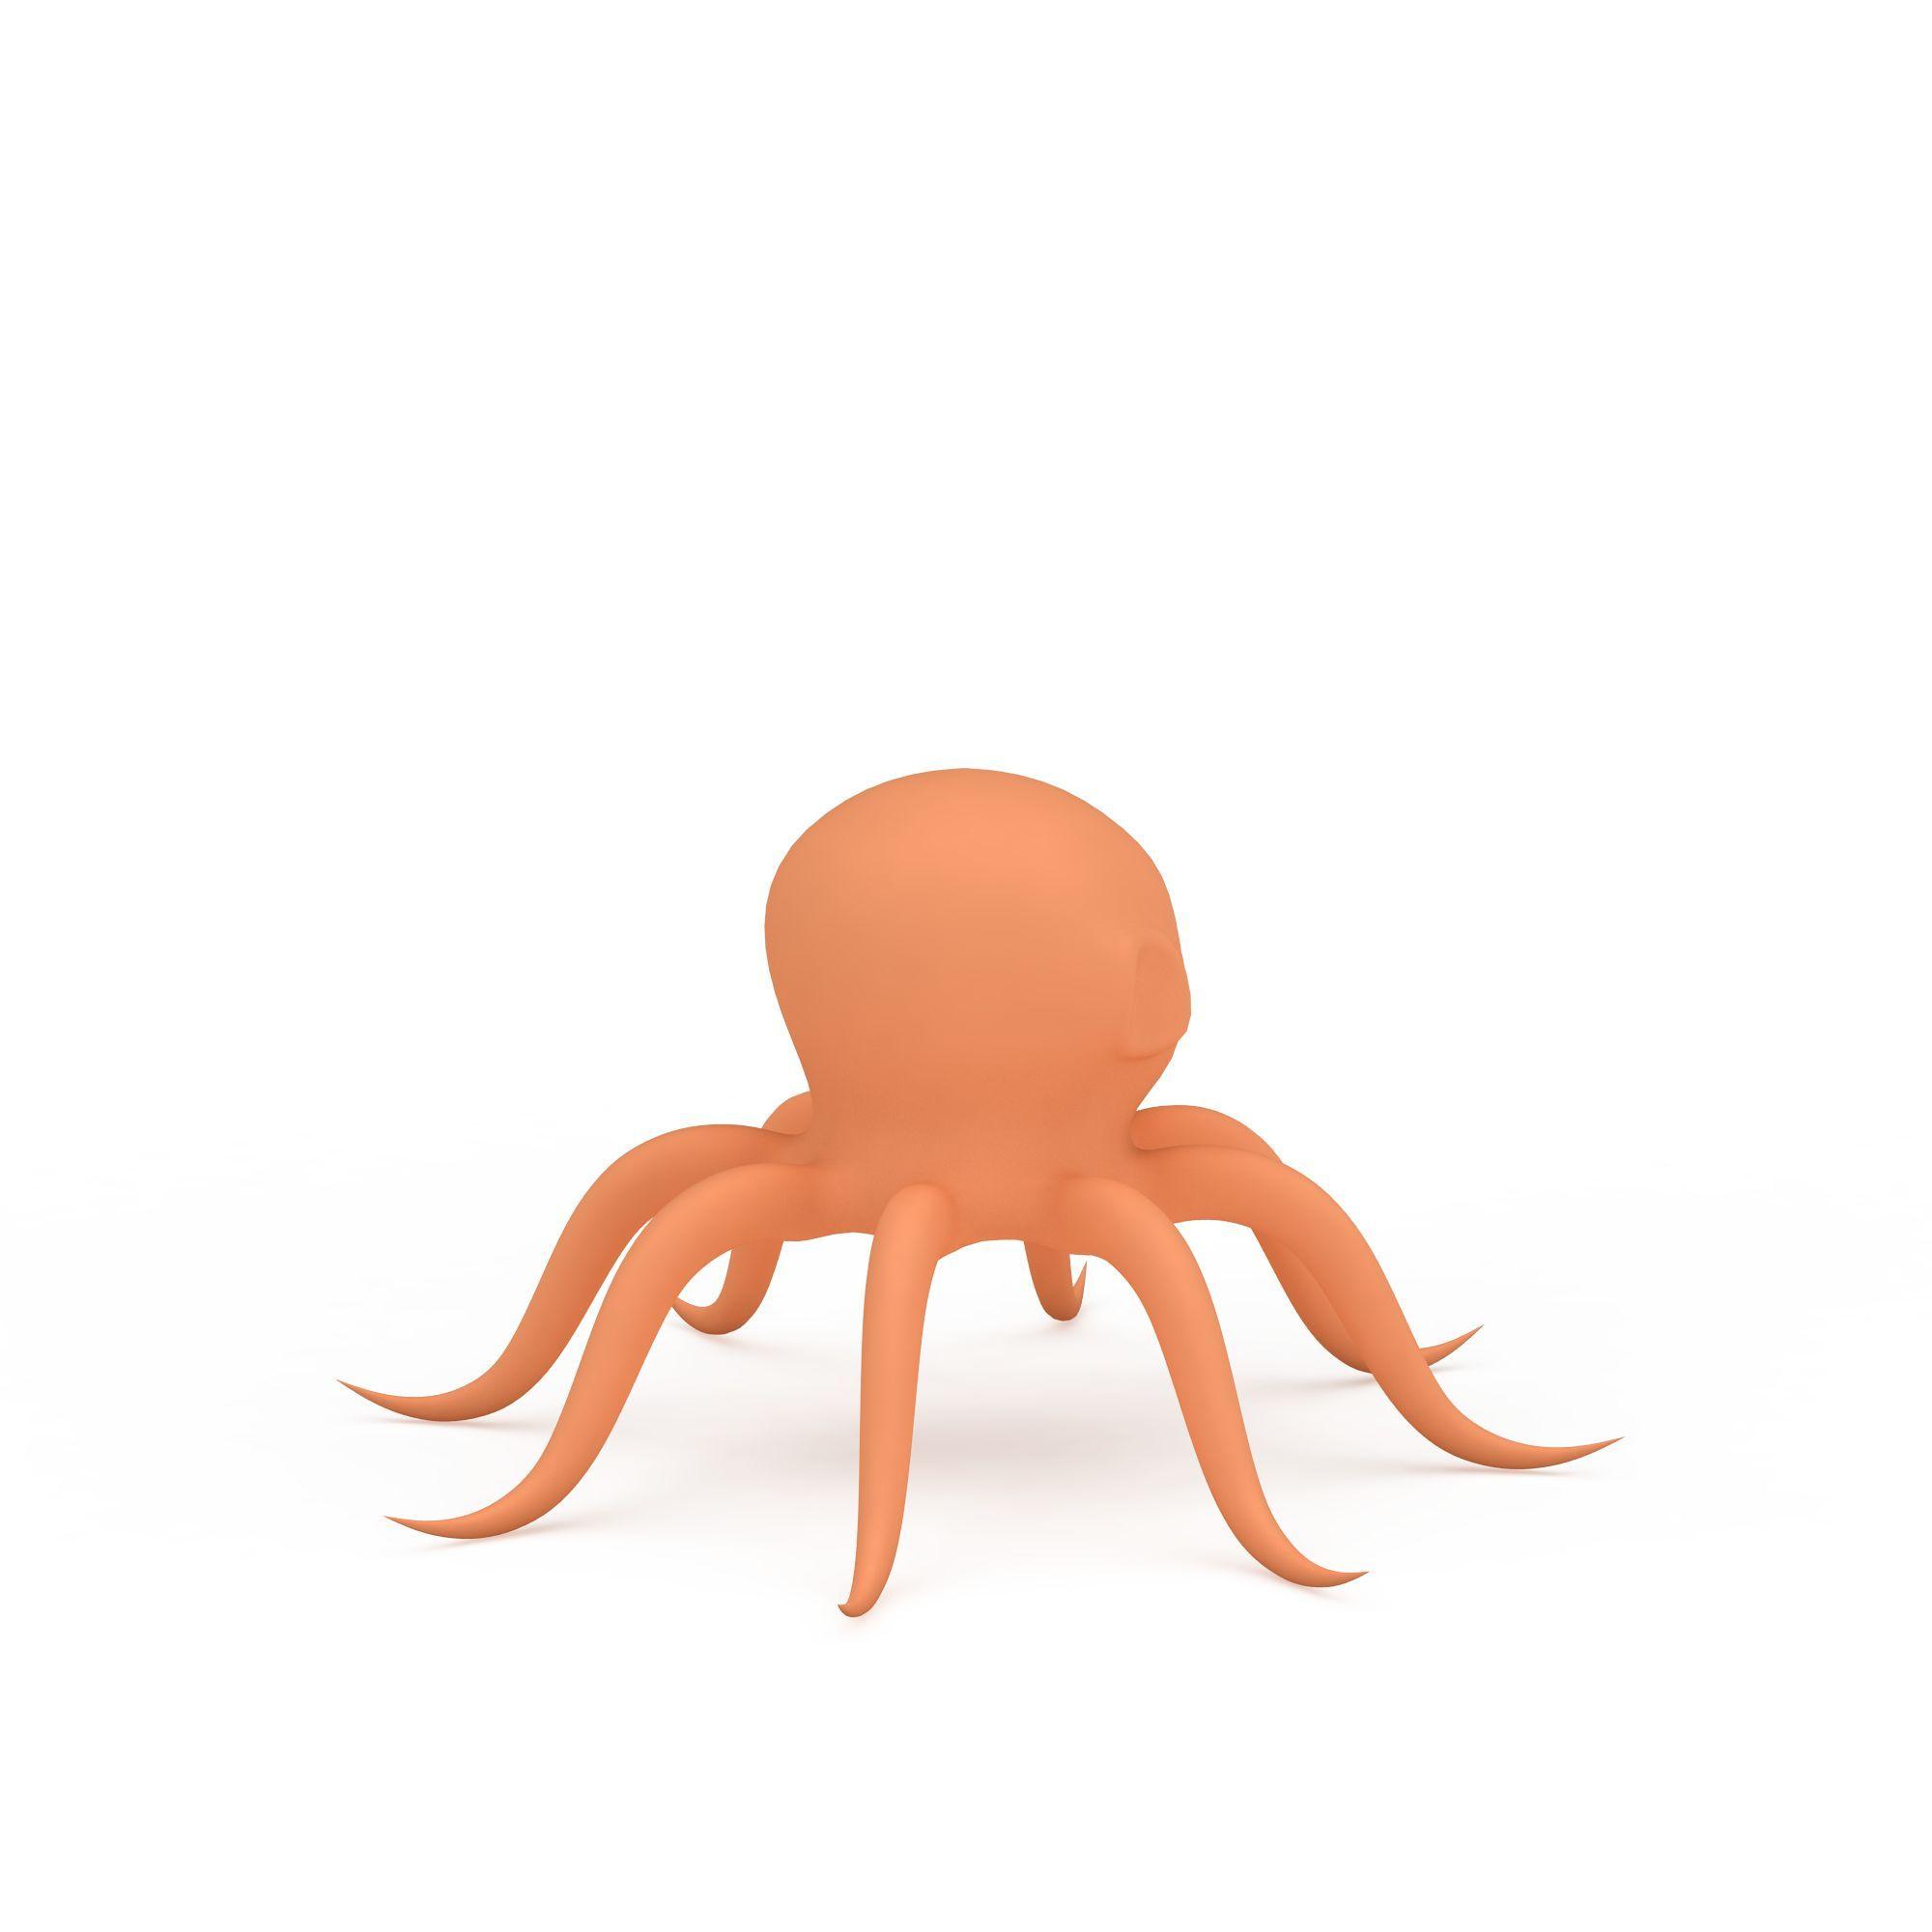 动物 水生类 卡通章鱼3d模型 卡通章鱼png高清图  卡通章鱼高清图详情